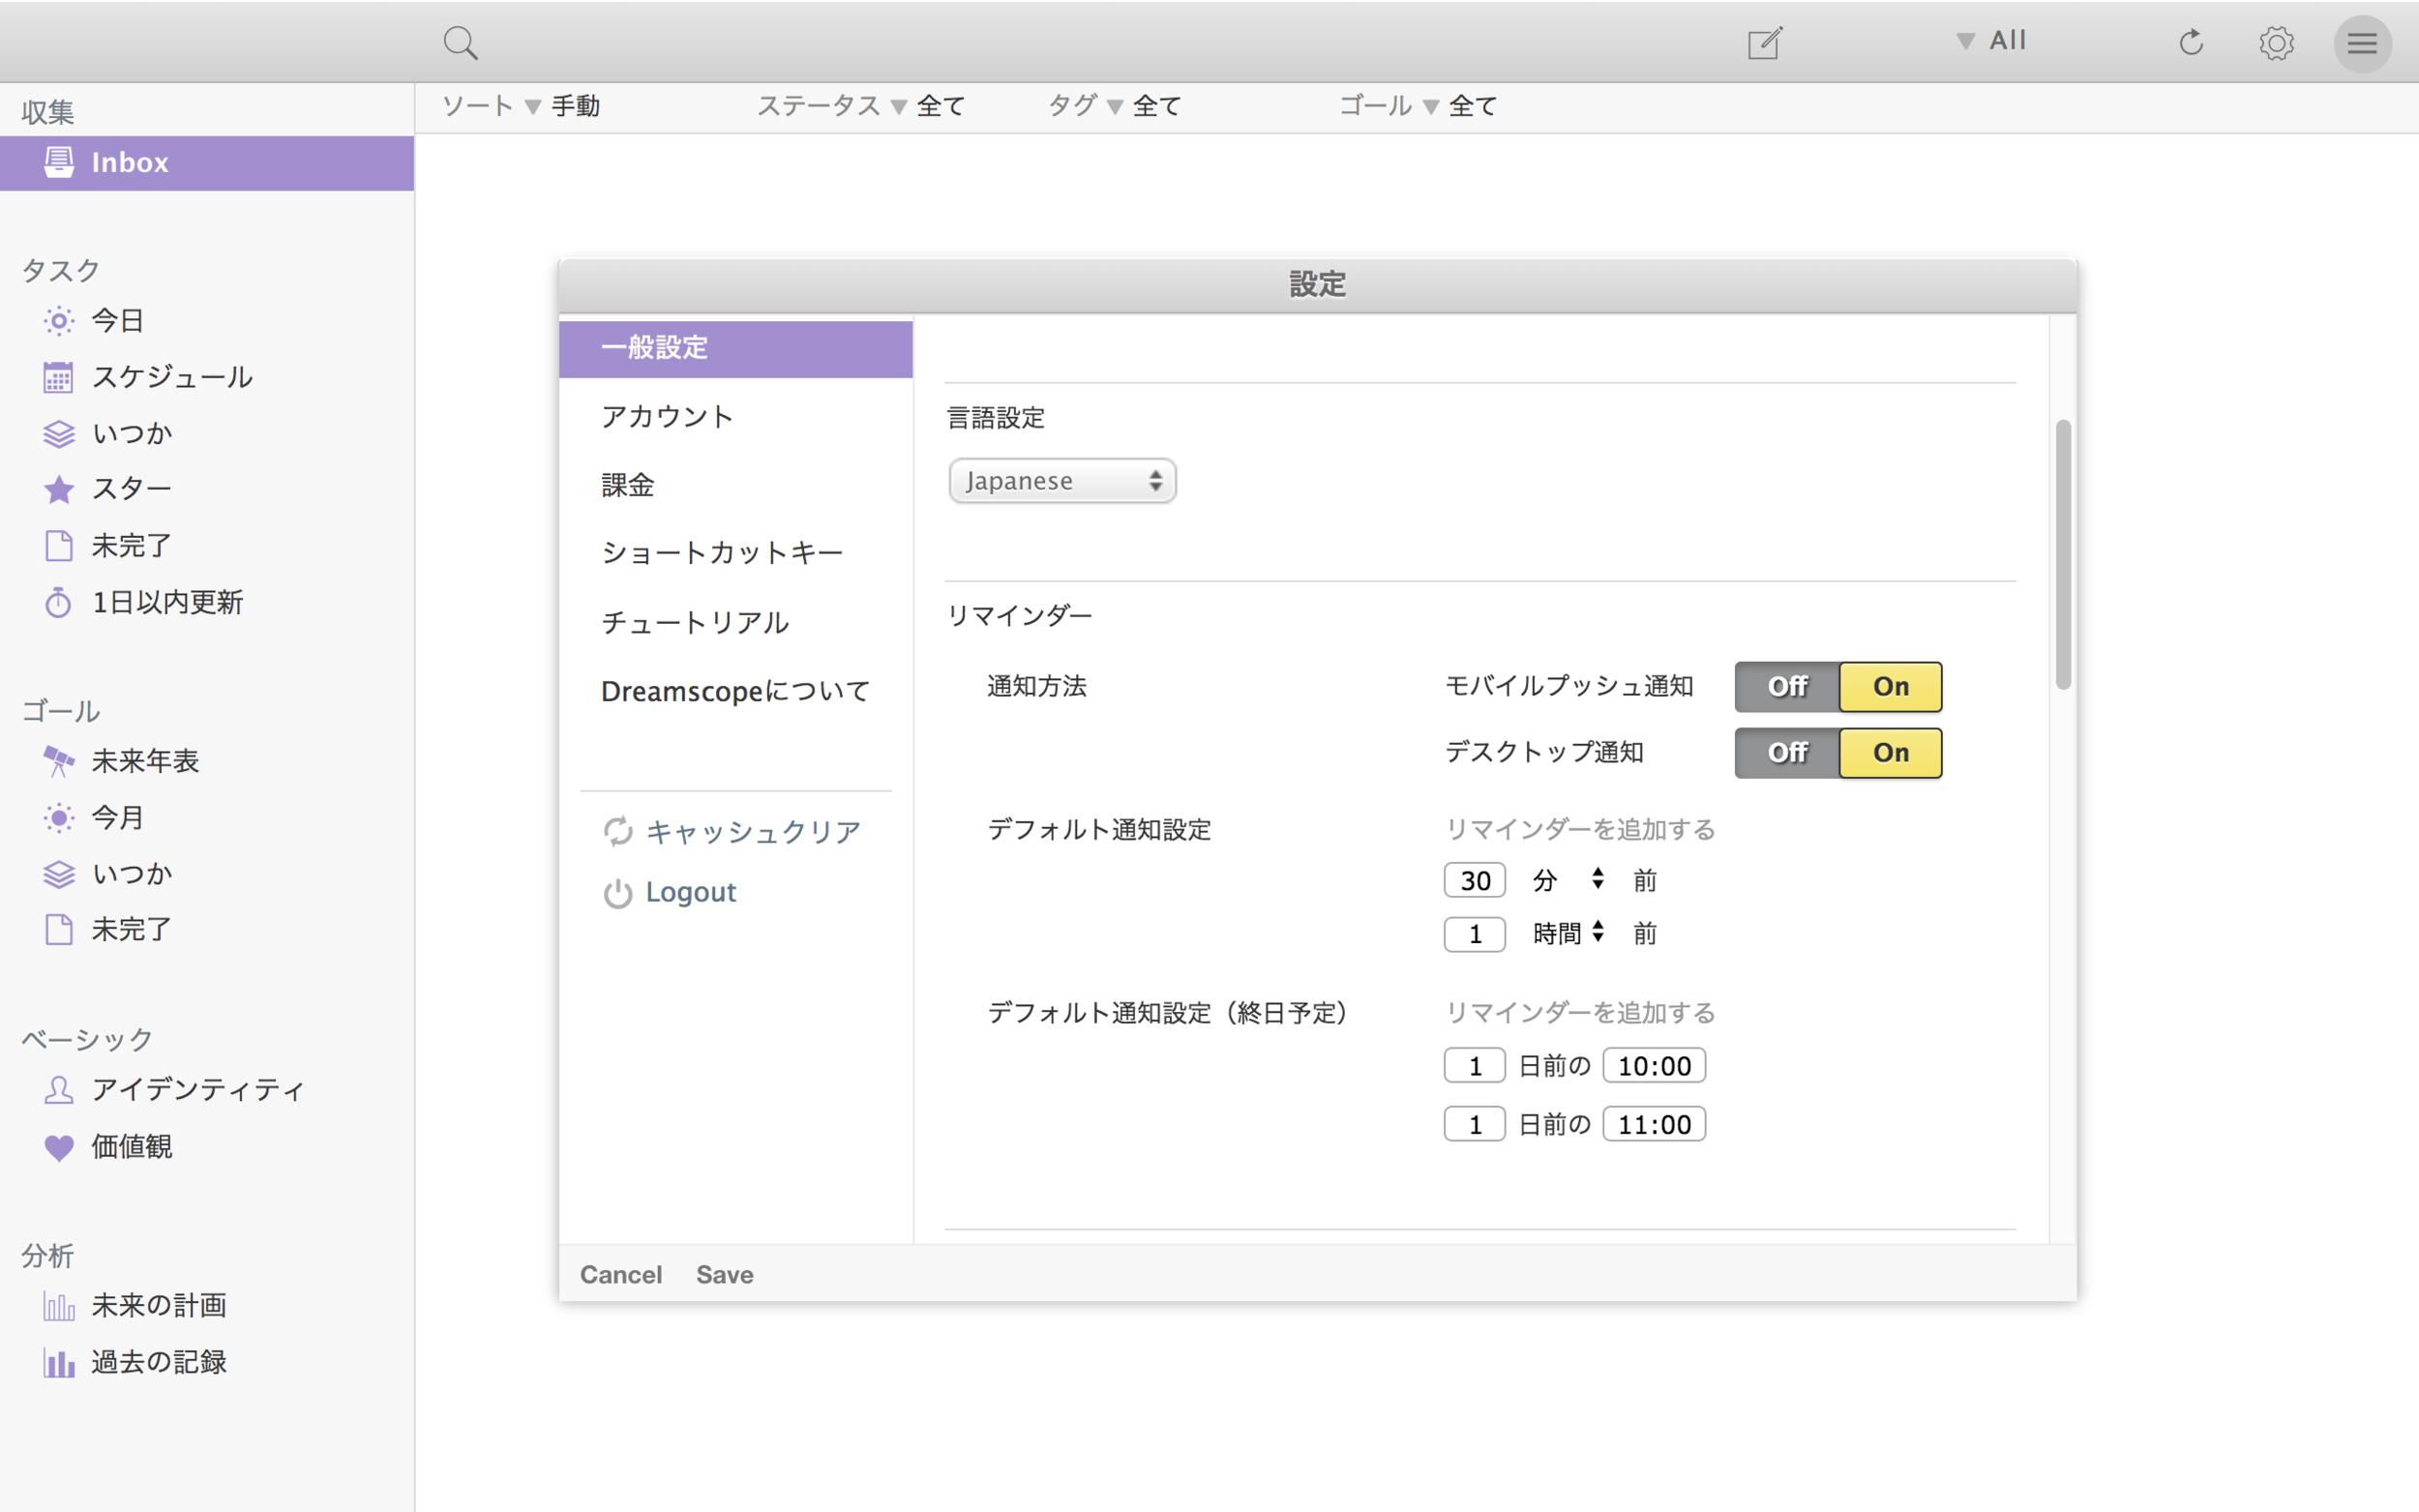 リマインダー設定画面(デスクトップ版)